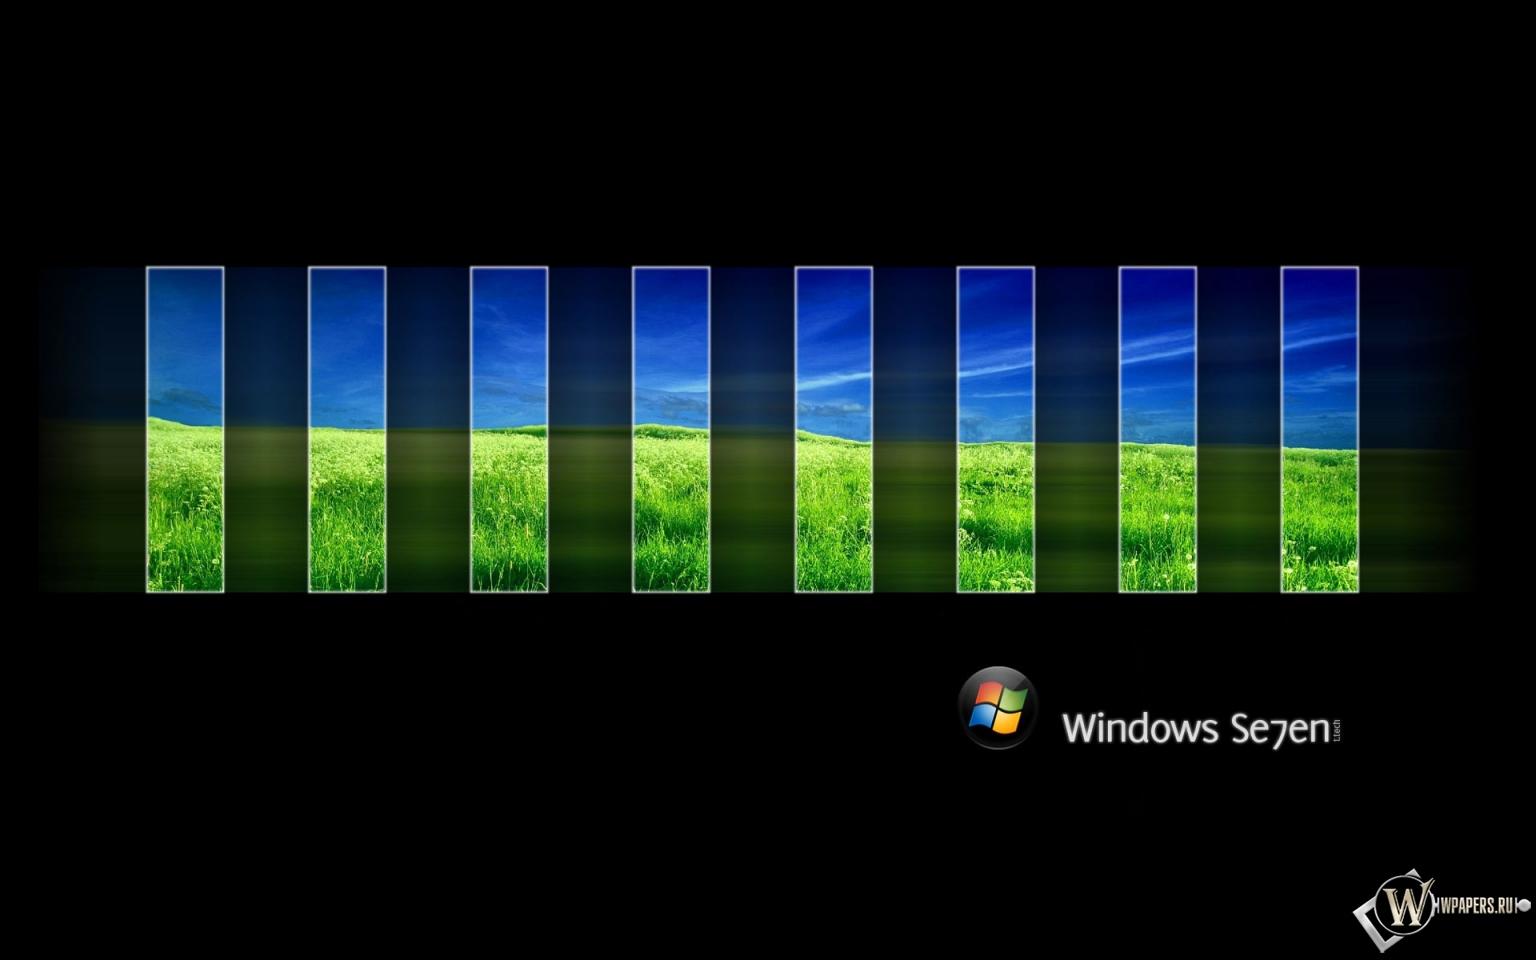 Обои windows 7 windows windows 7 1536x960 картинки